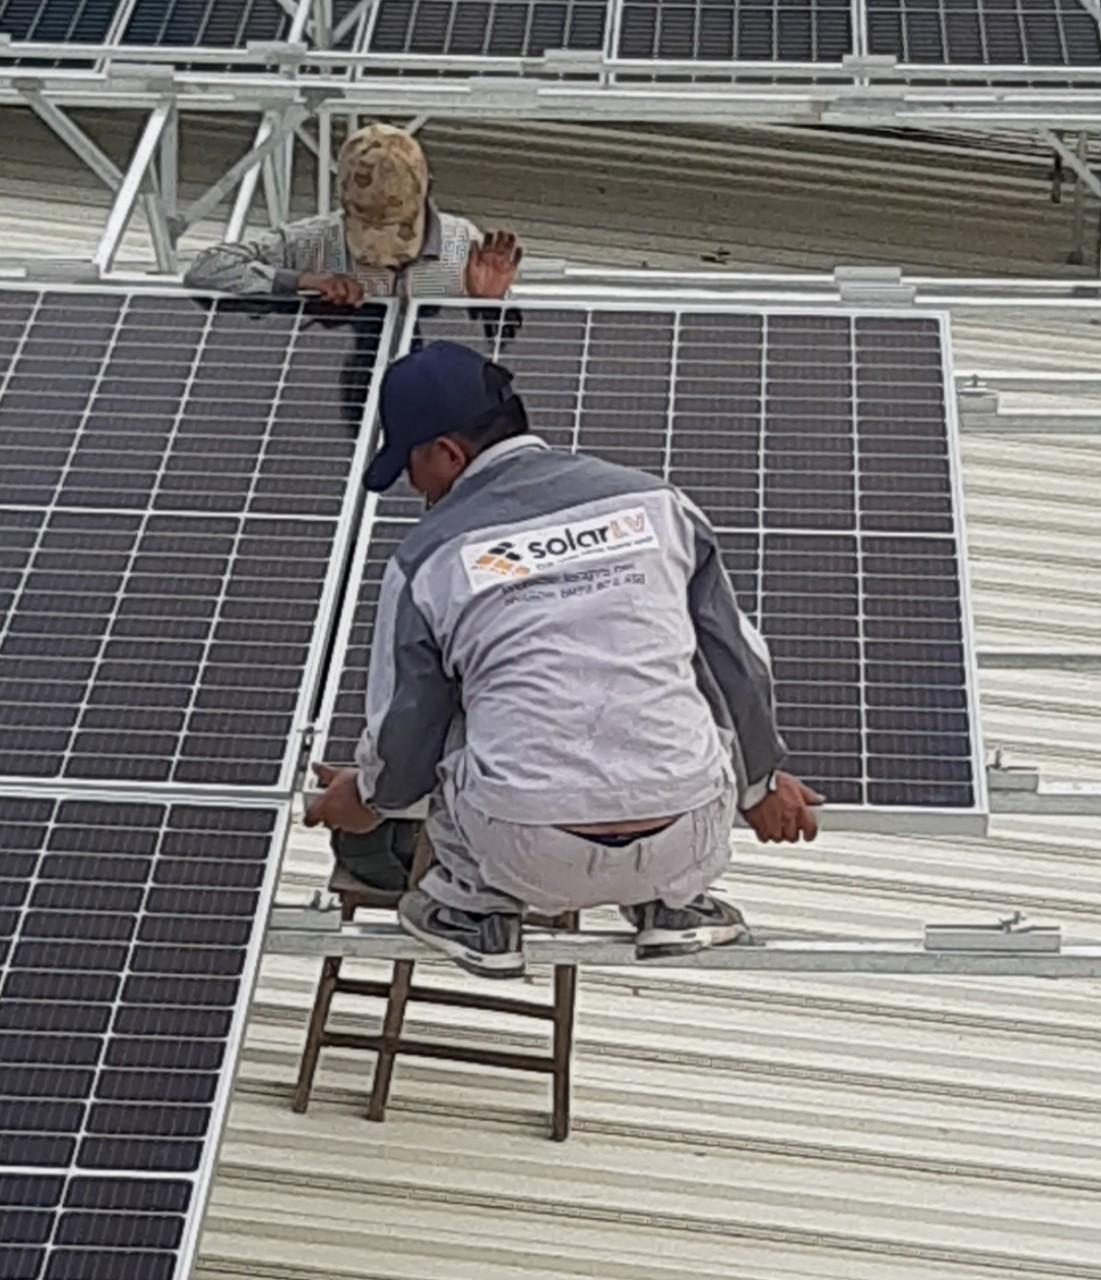 Lắp đặt Điện mặt trời 82kWp áp mái nhà Xưởng tại Bắc Ninh